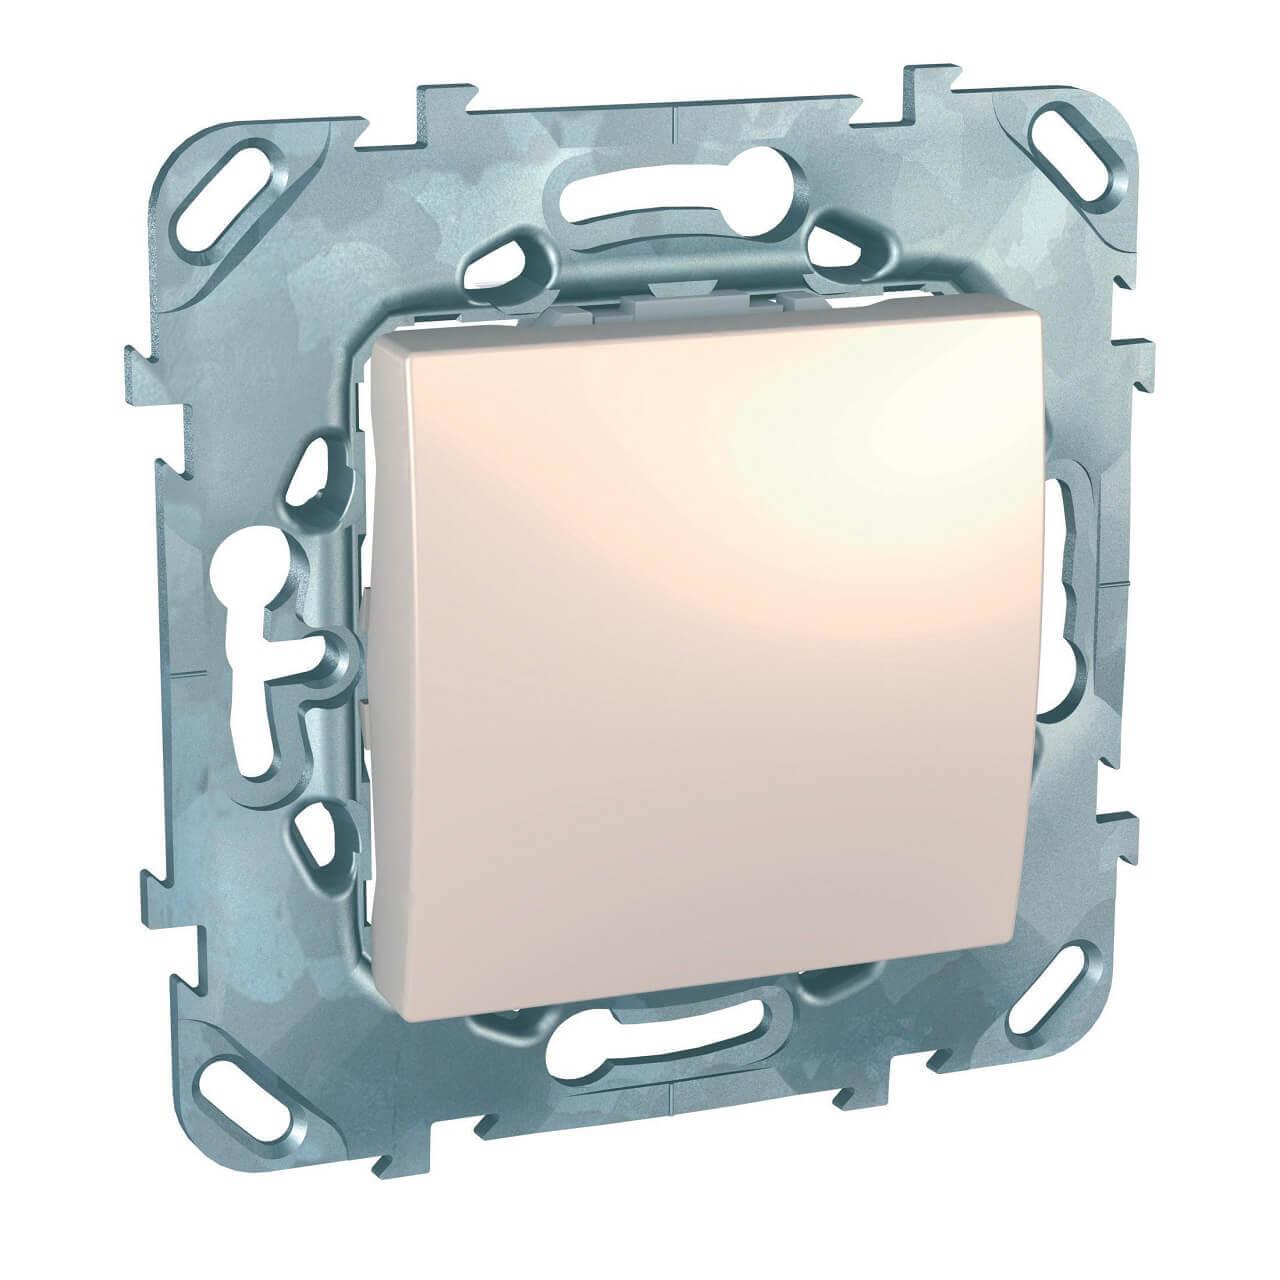 Выключатель одноклавишный кнопочный Schneider Electric Unica MGU5.206.25ZD schneider одноклавишный кнопочный выключатель unica с подсветкой графит